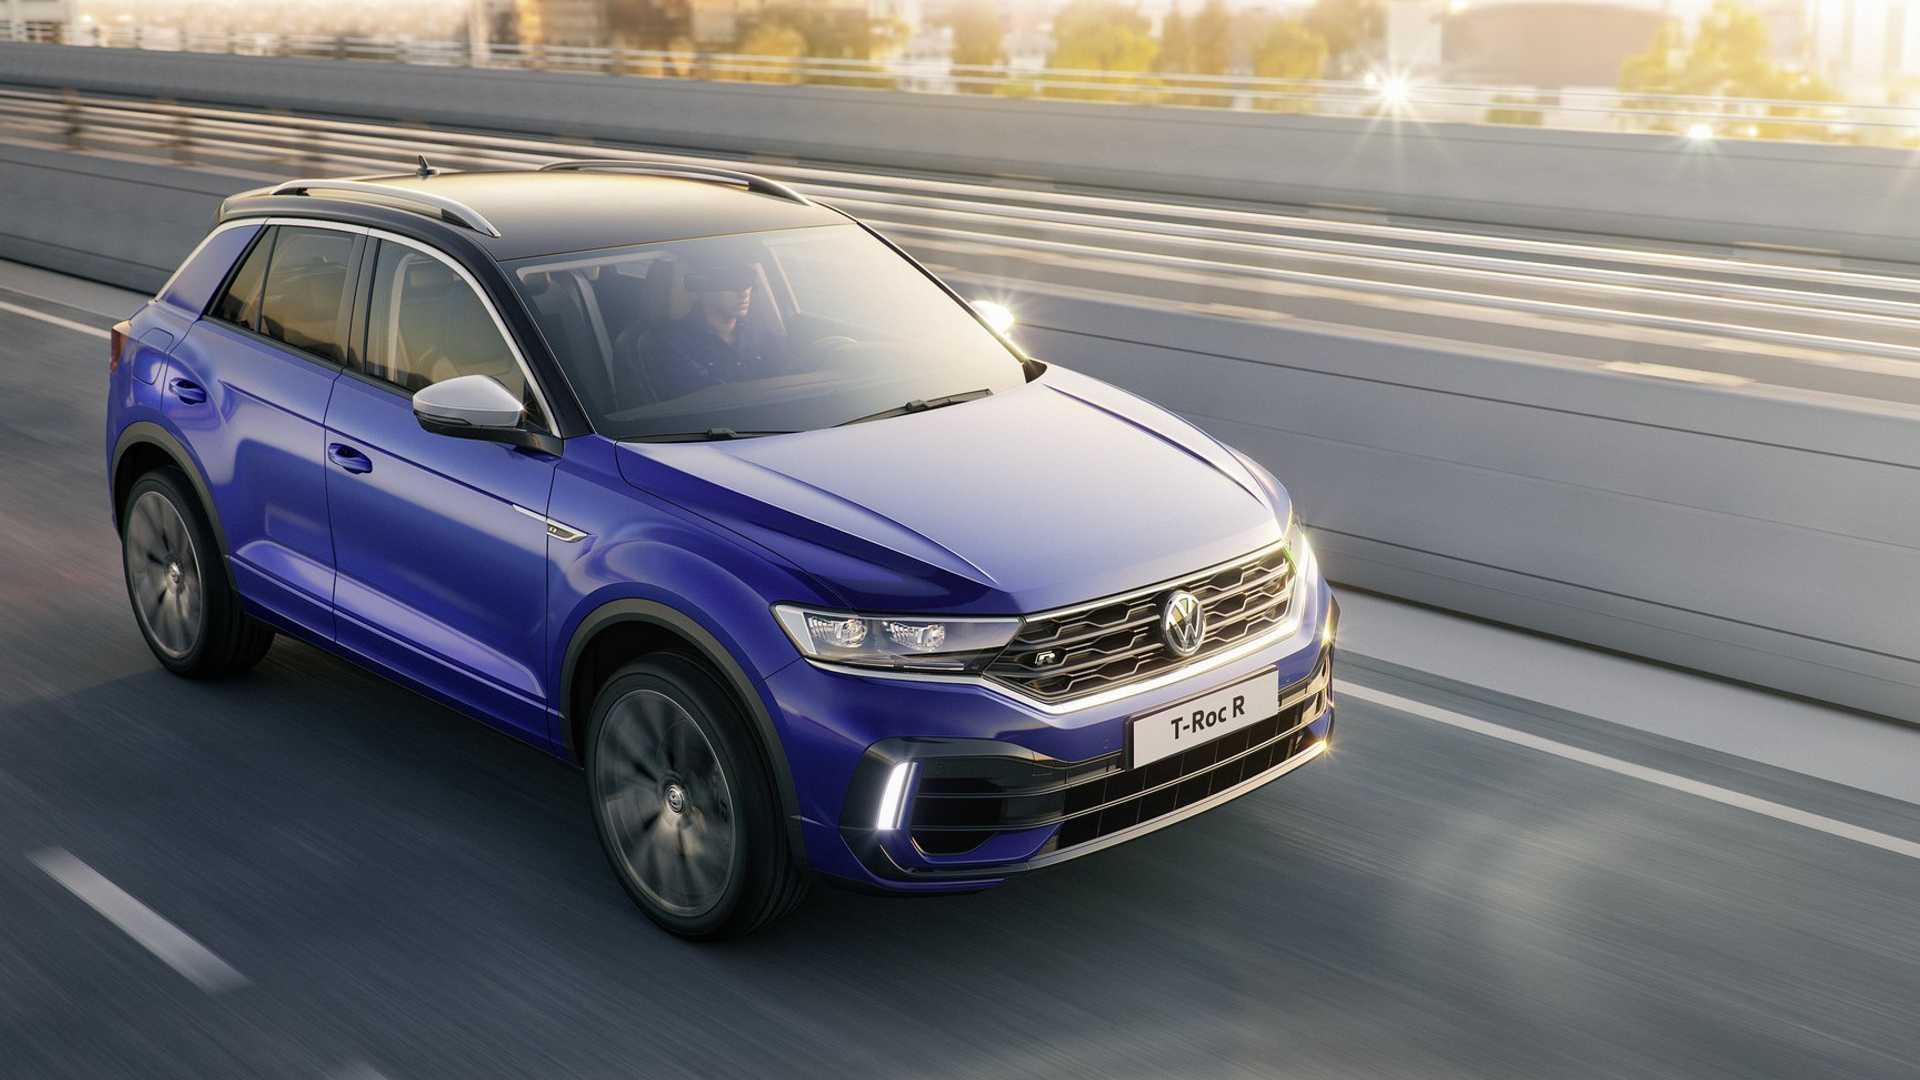 Volkswagen T-Roc R 300 beygir güç üretiyor